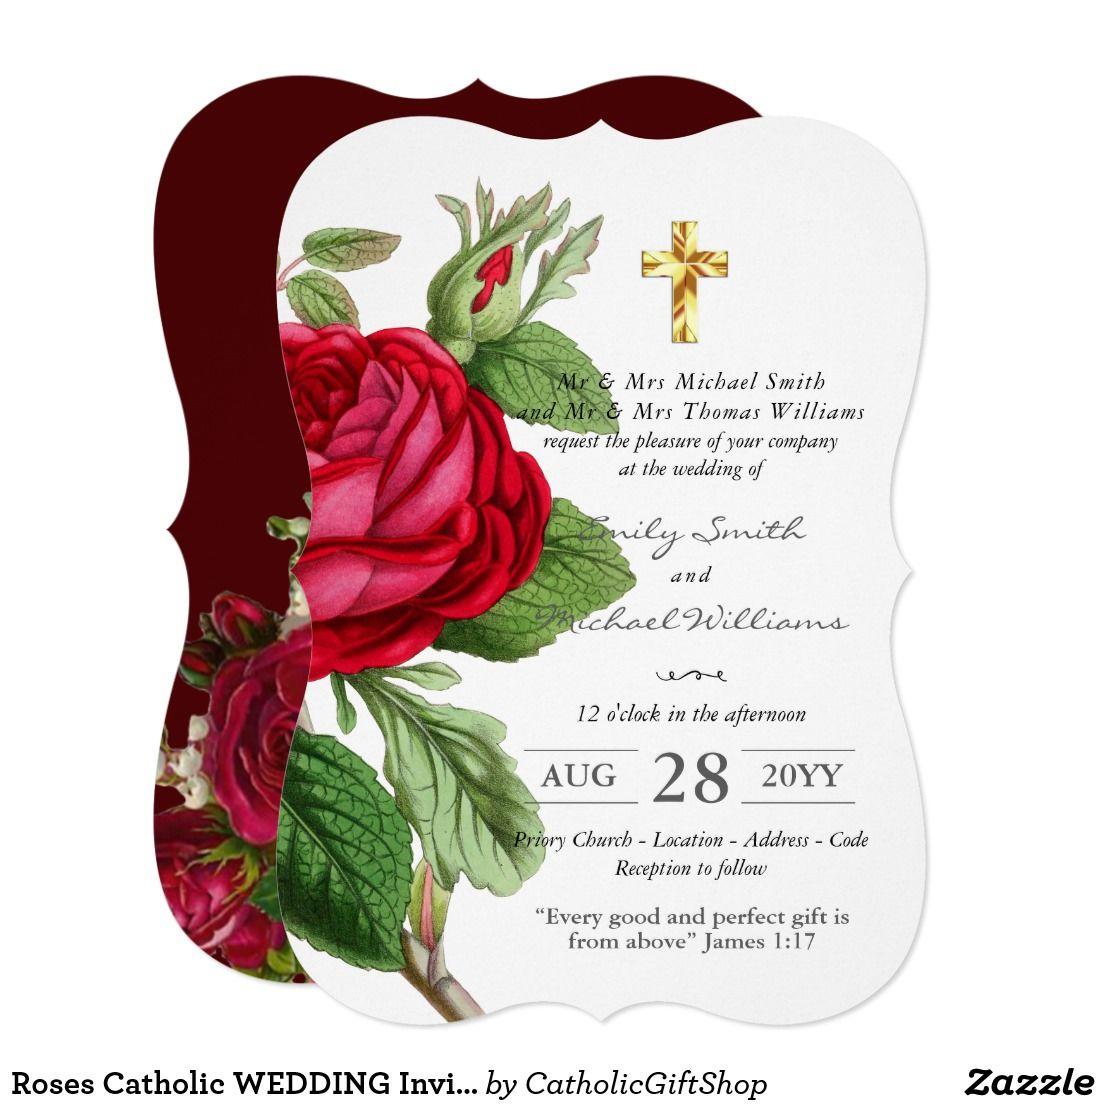 Roses Catholic WEDDING Invitation with verse | Trending Wedding ...